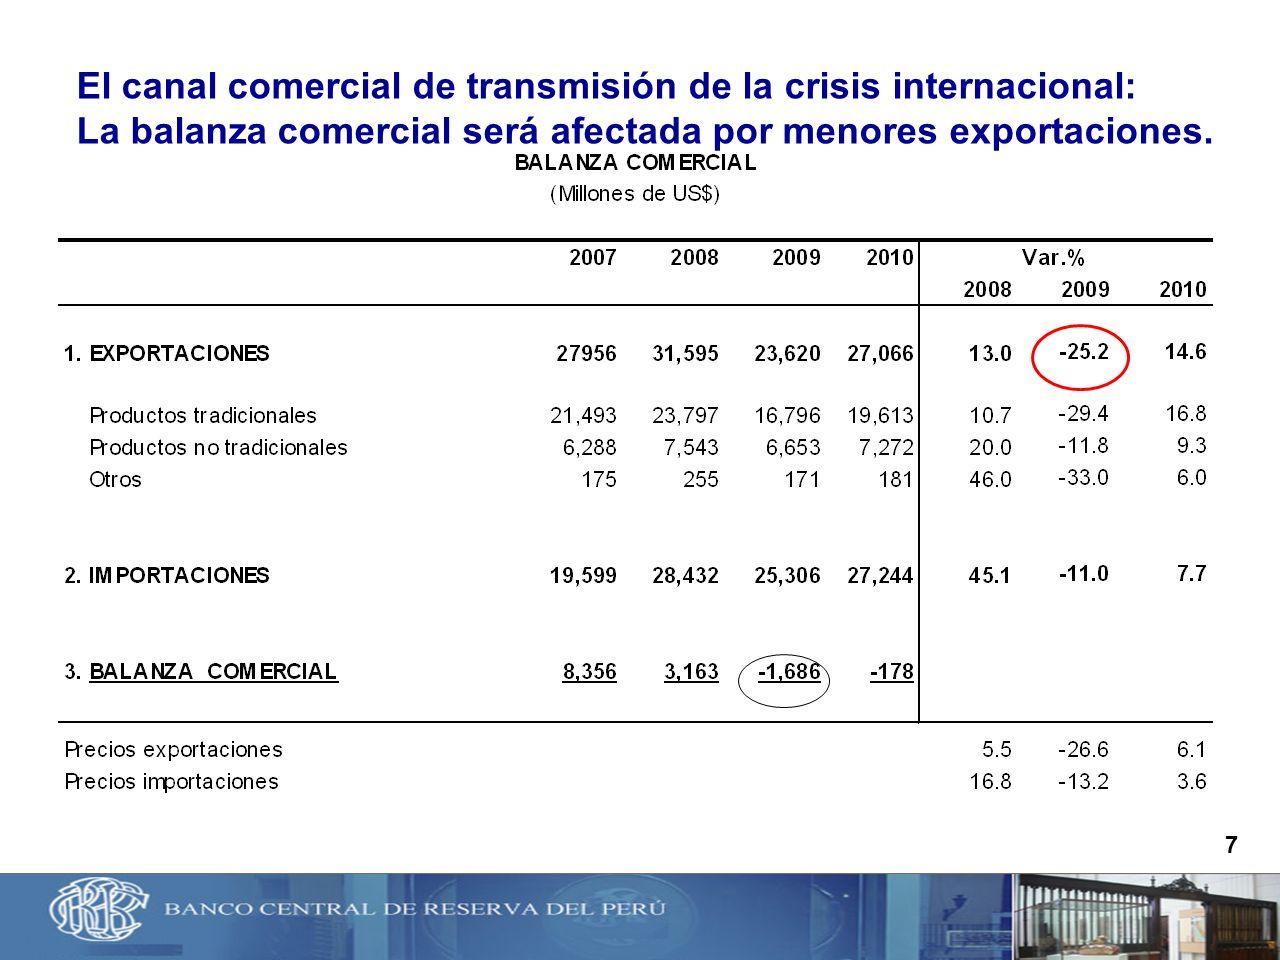 El canal comercial de transmisión de la crisis internacional: La balanza comercial será afectada por menores exportaciones.